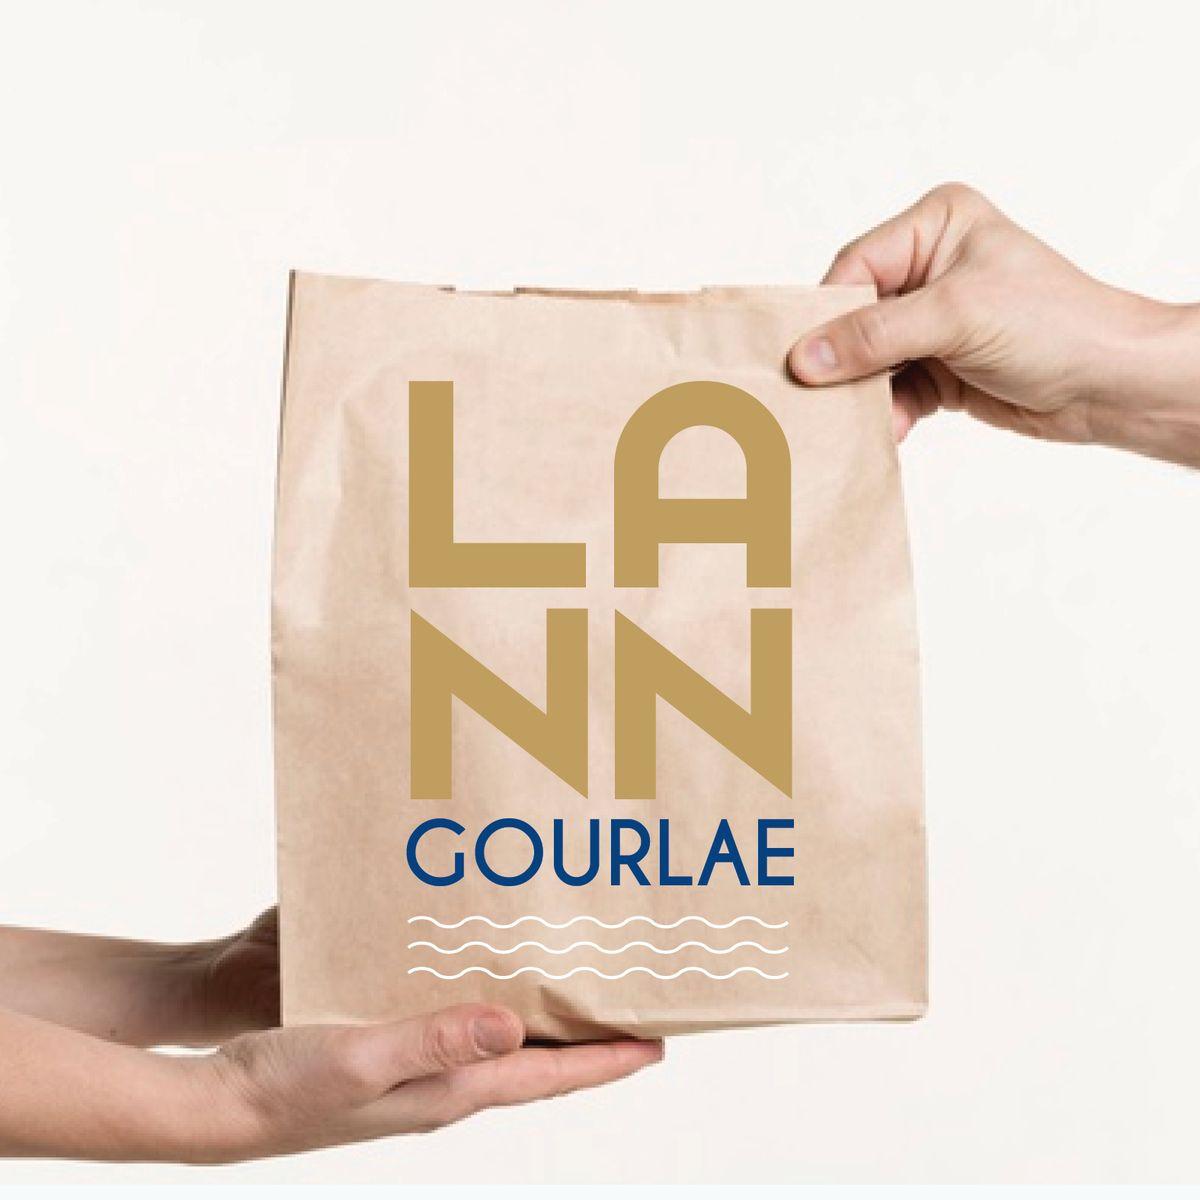 LANN GOURLAE à Langrolay-sur-Rance création de goodies